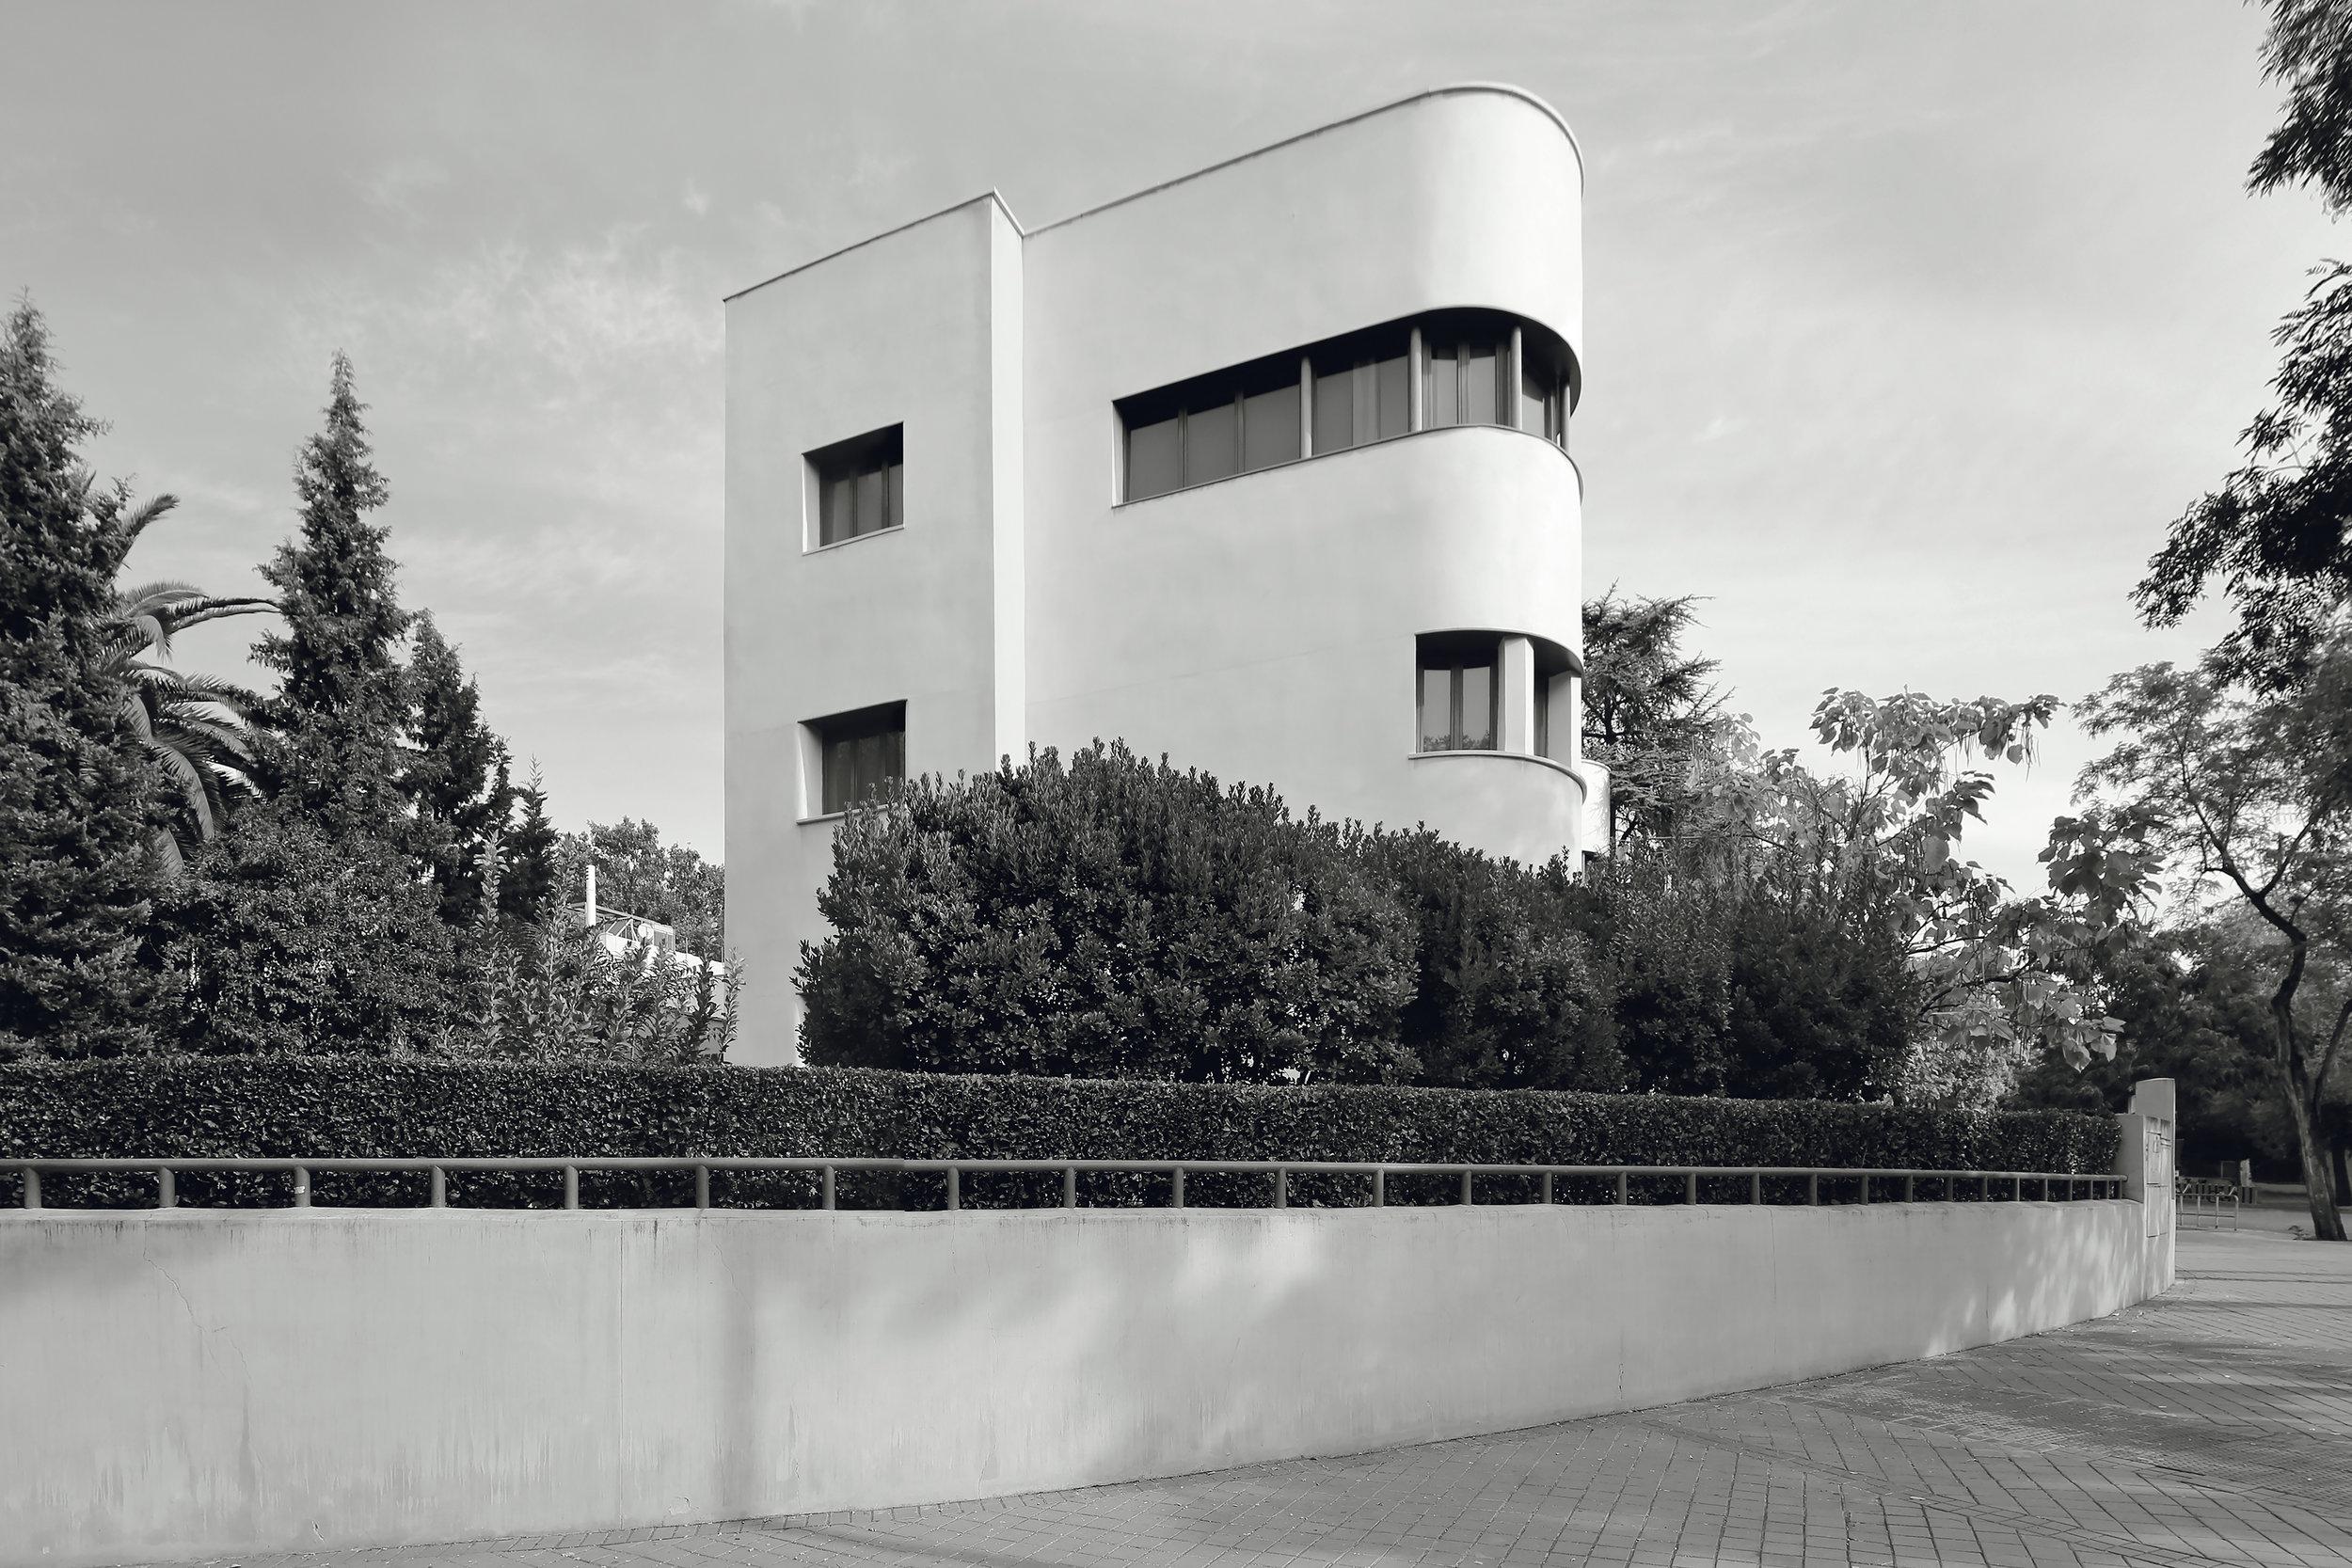 Authority Building